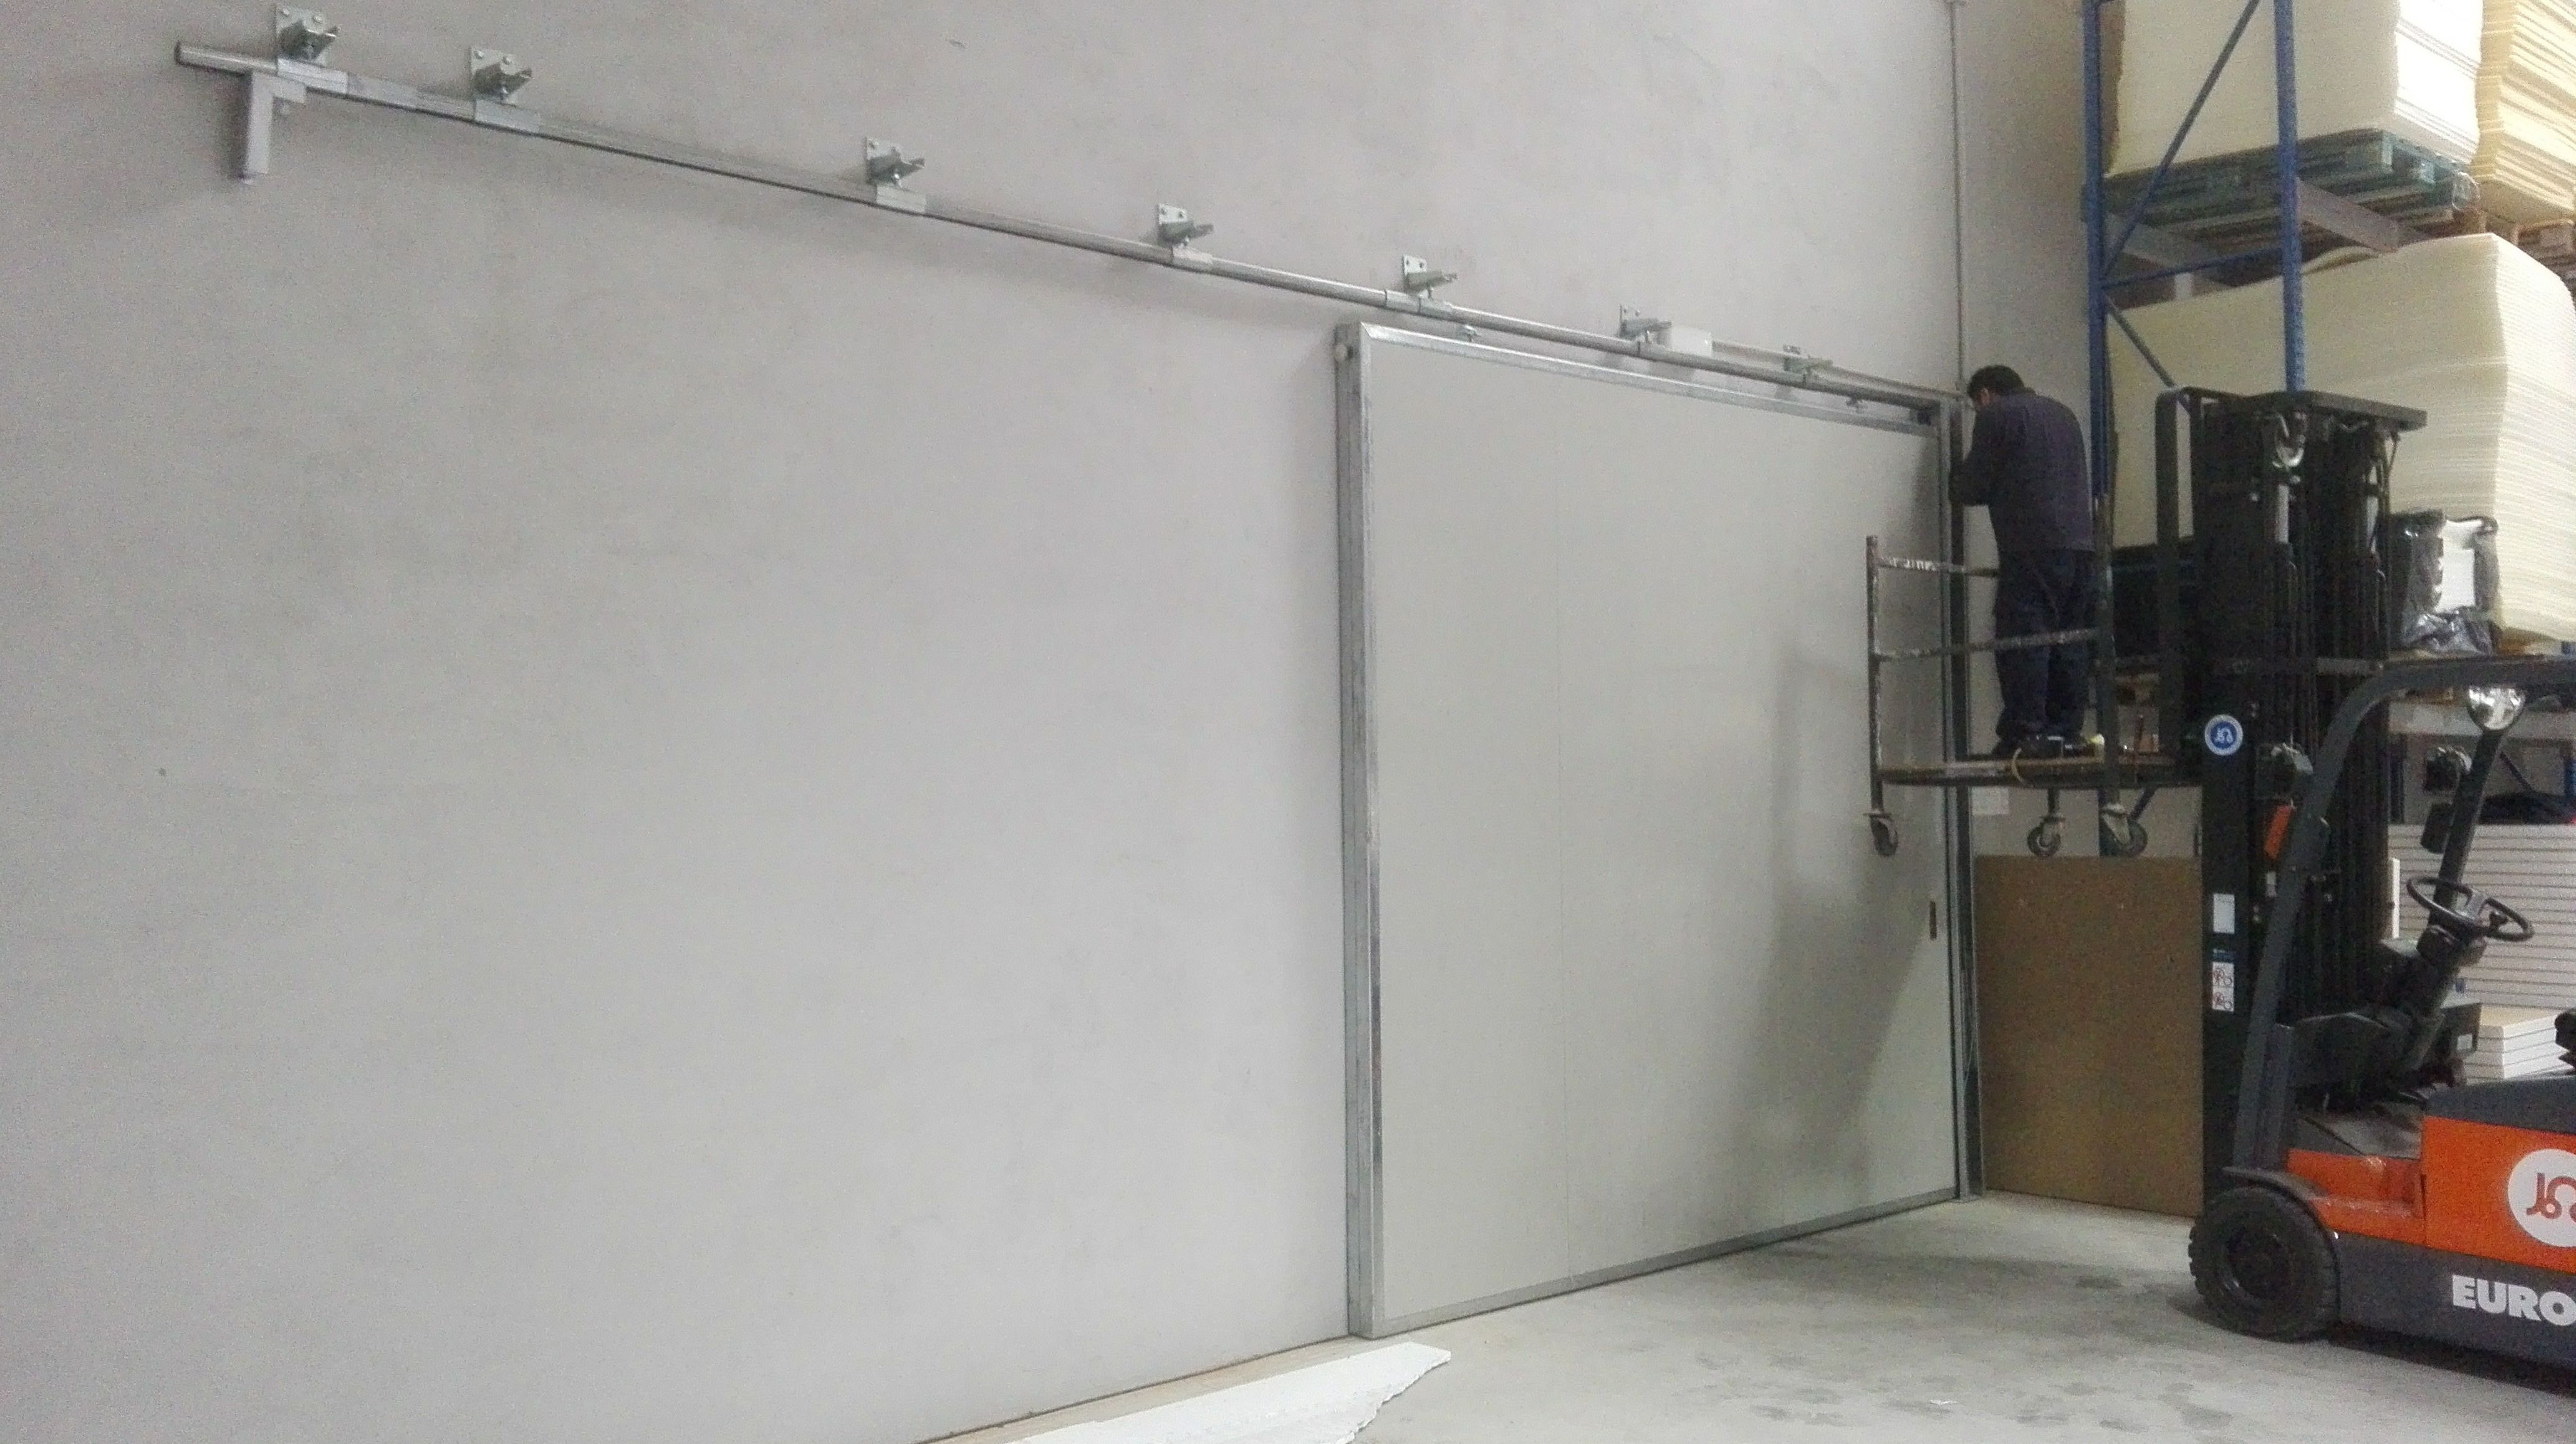 Puerta corredera cortafuegos de 1 hoja con resistencia al fuego hasta 90 minutos,